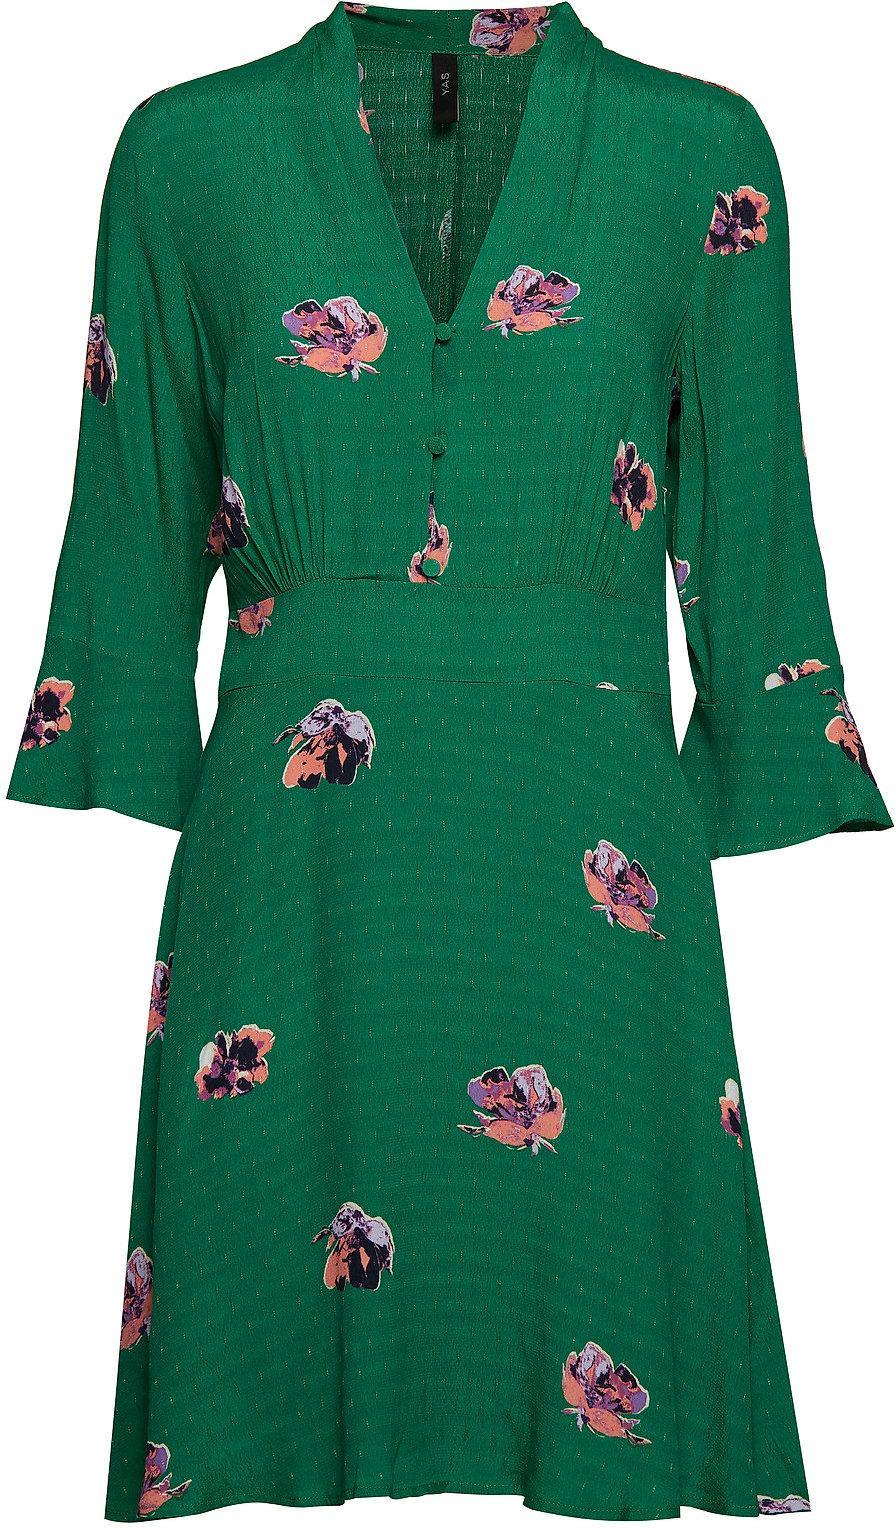 bcd6a946c64 Best pris på YAS Yasavirala Dress - Se priser før kjøp i Prisguiden